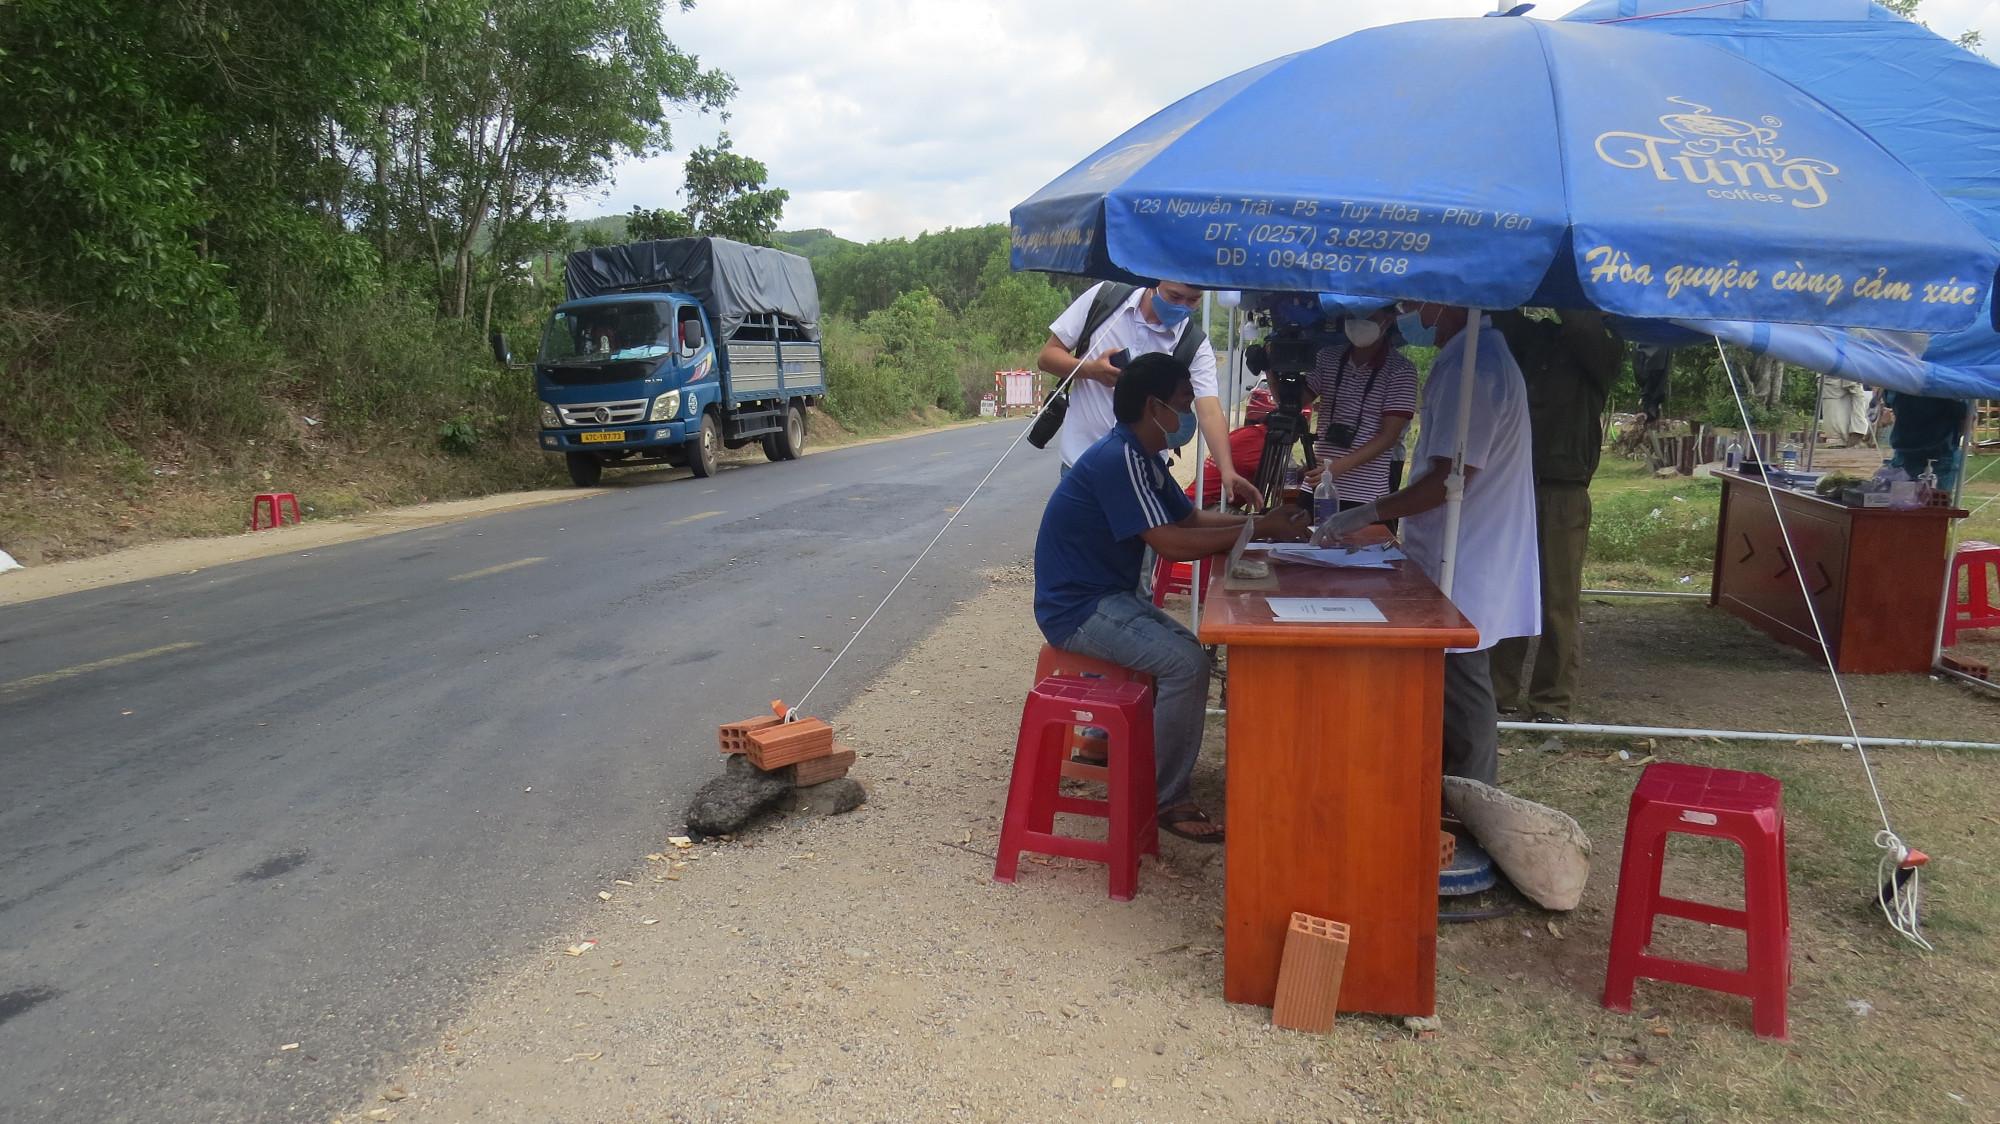 Khai báo y tế tại các chốt chặn phòng chống COVID-19 Phú Yên